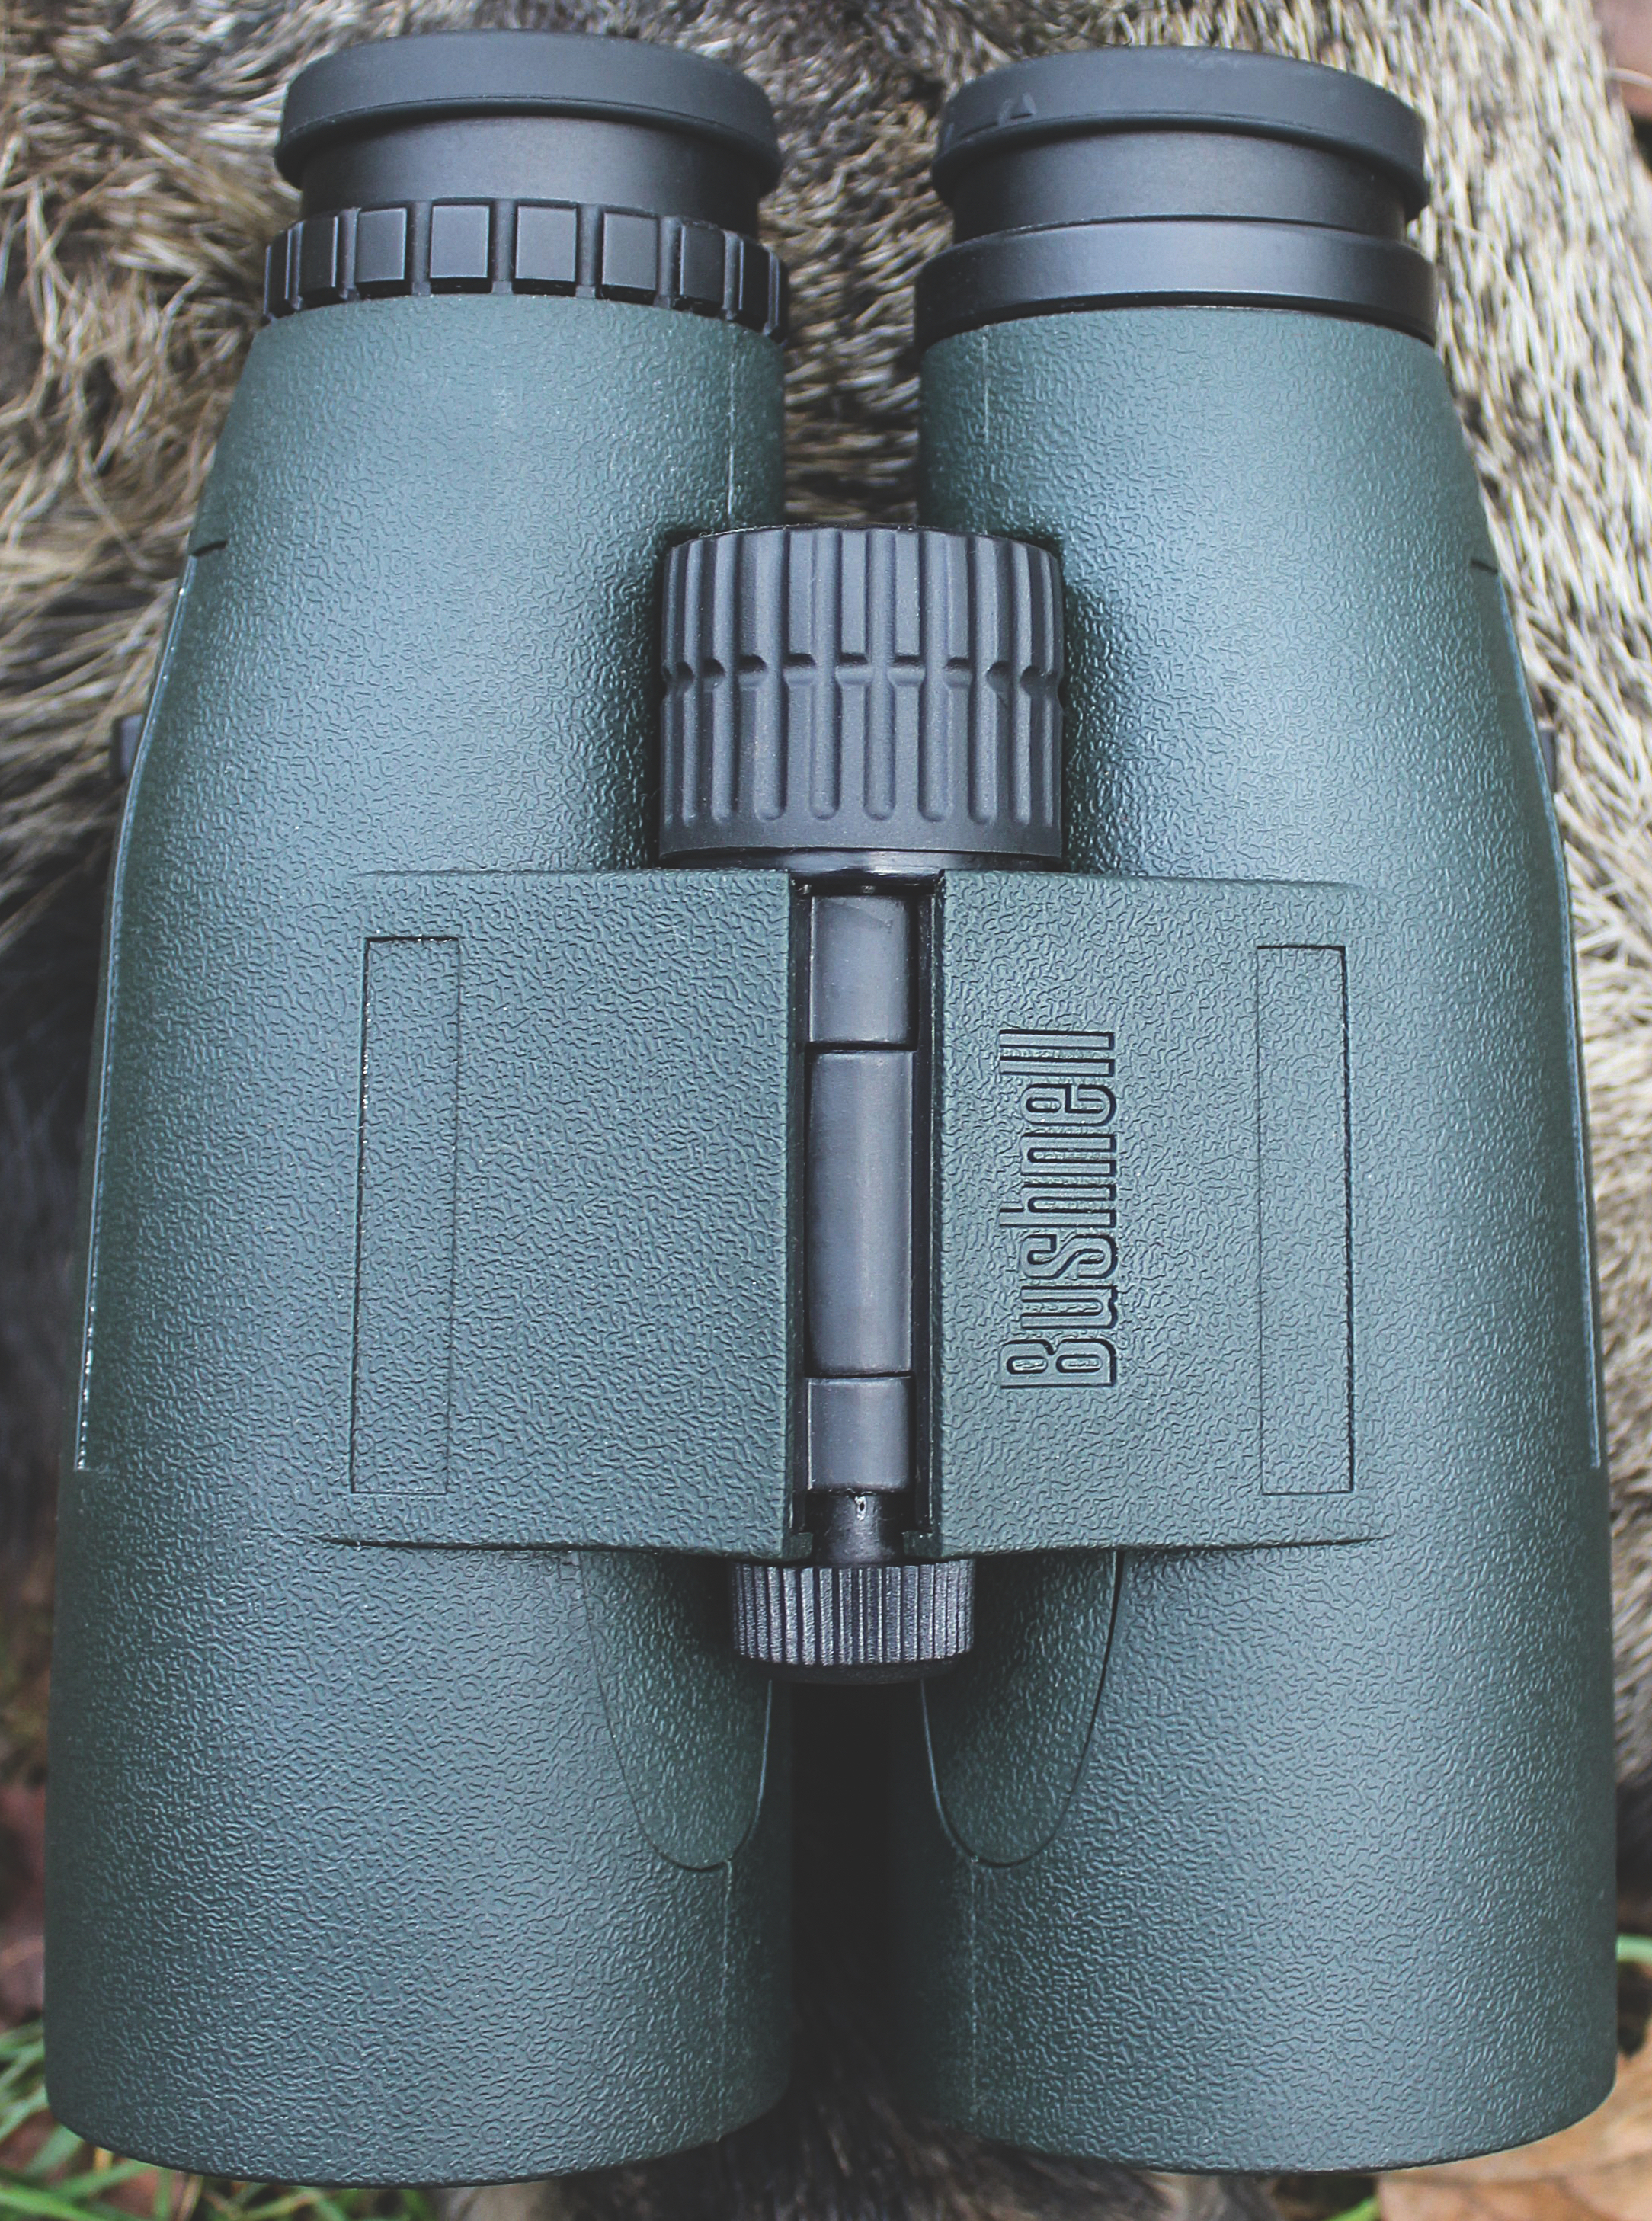 JÄGER Fernglas Test - Das Steiner Ranger Pro 10x56